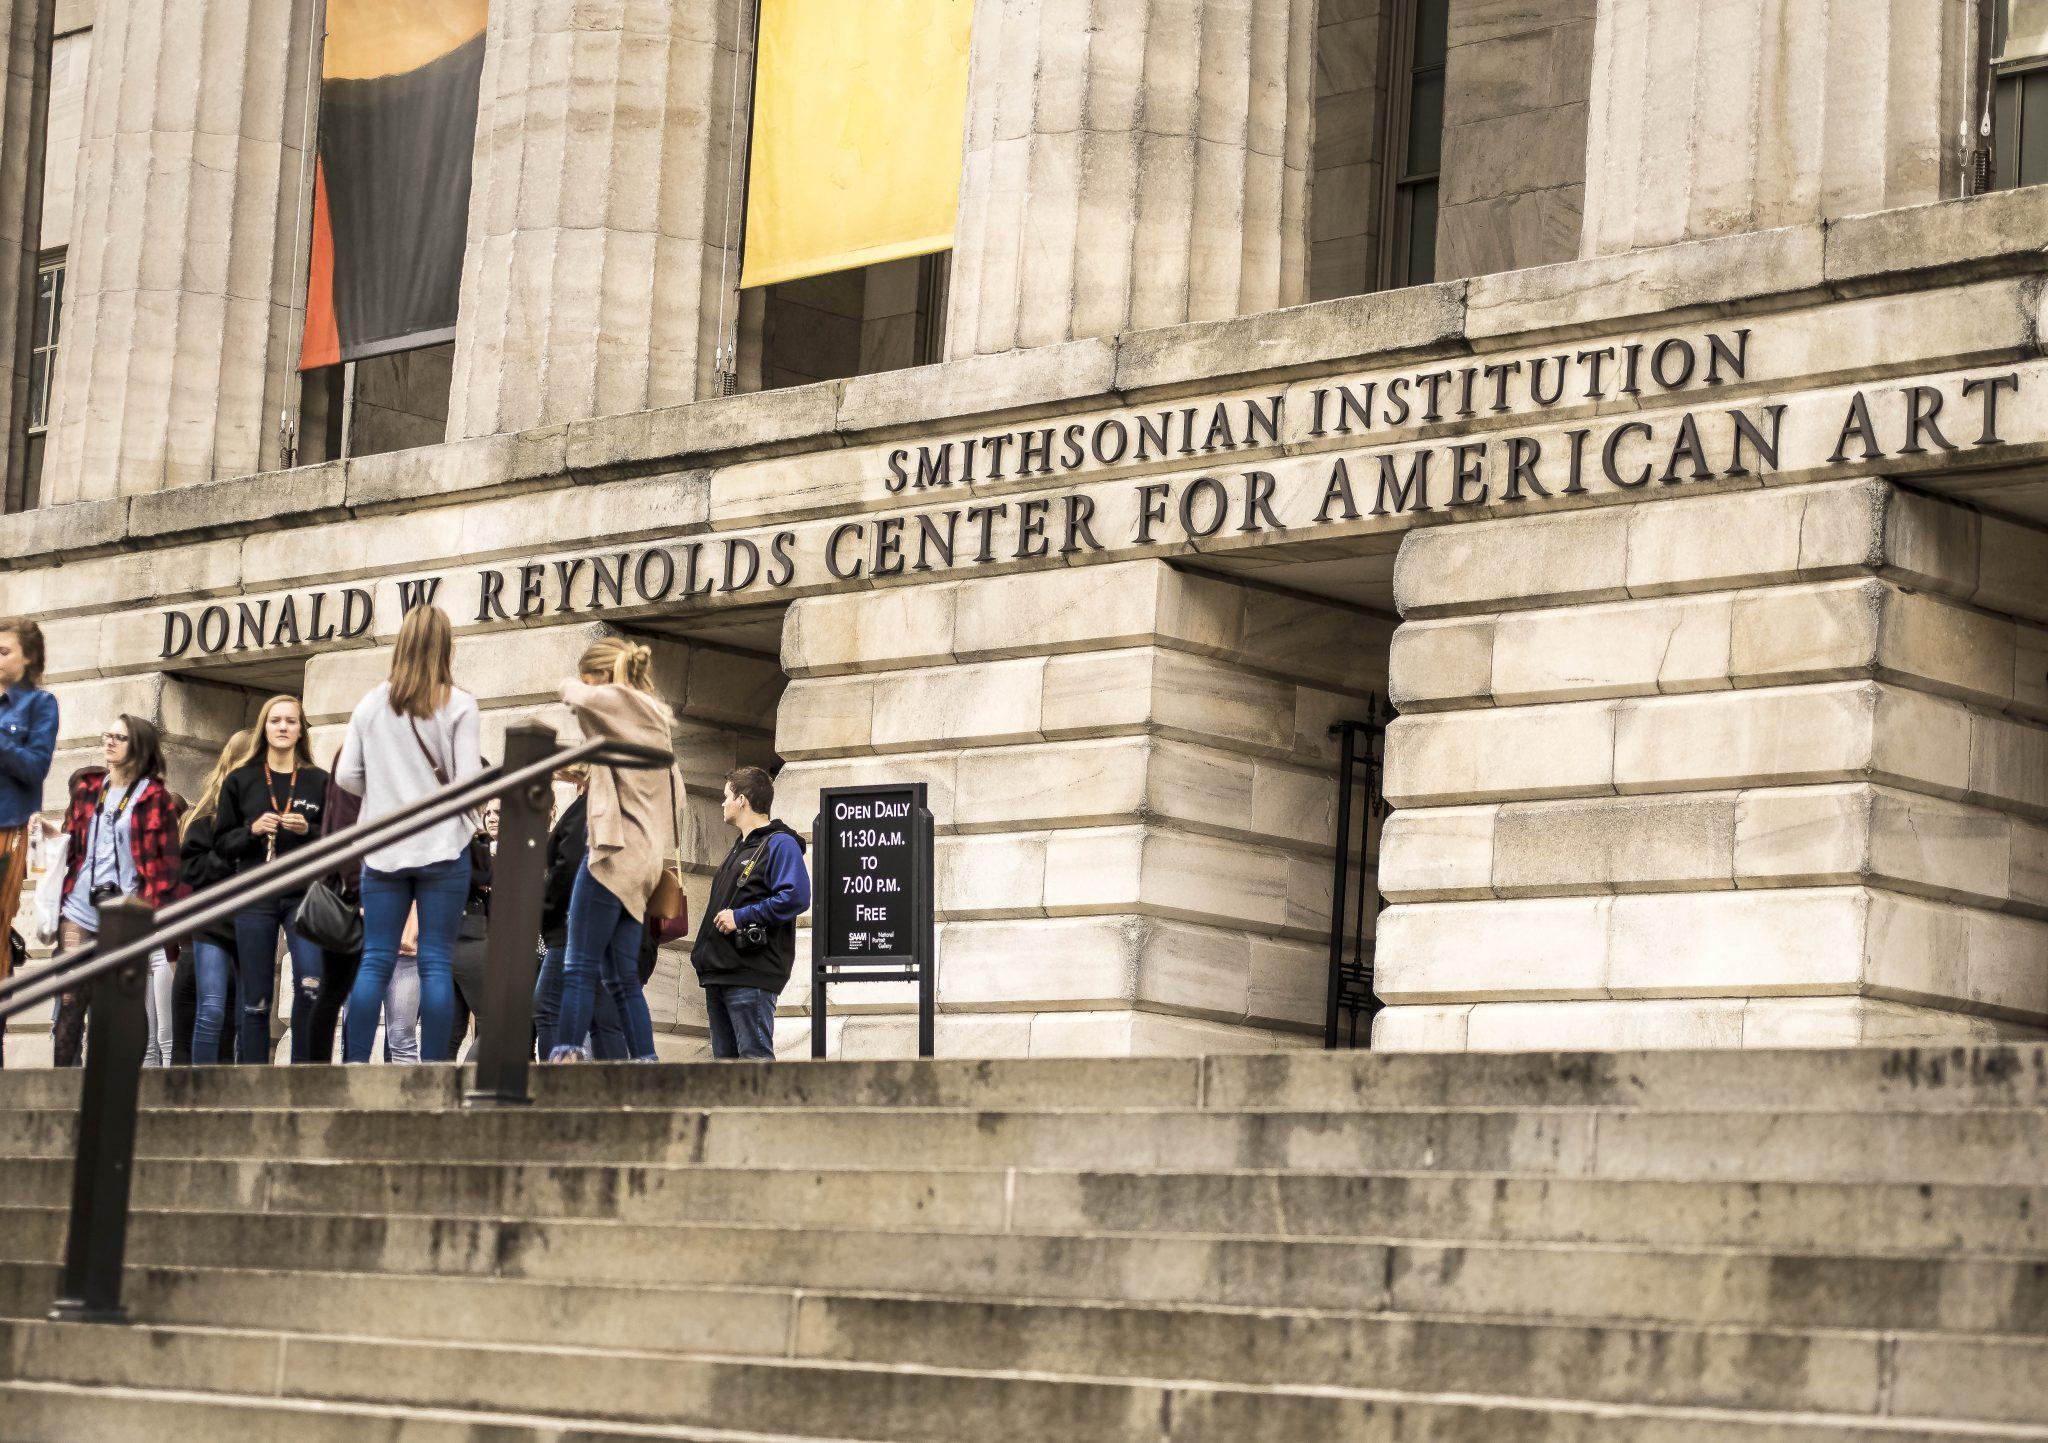 Washington, D.C. - National Portrait Gallery